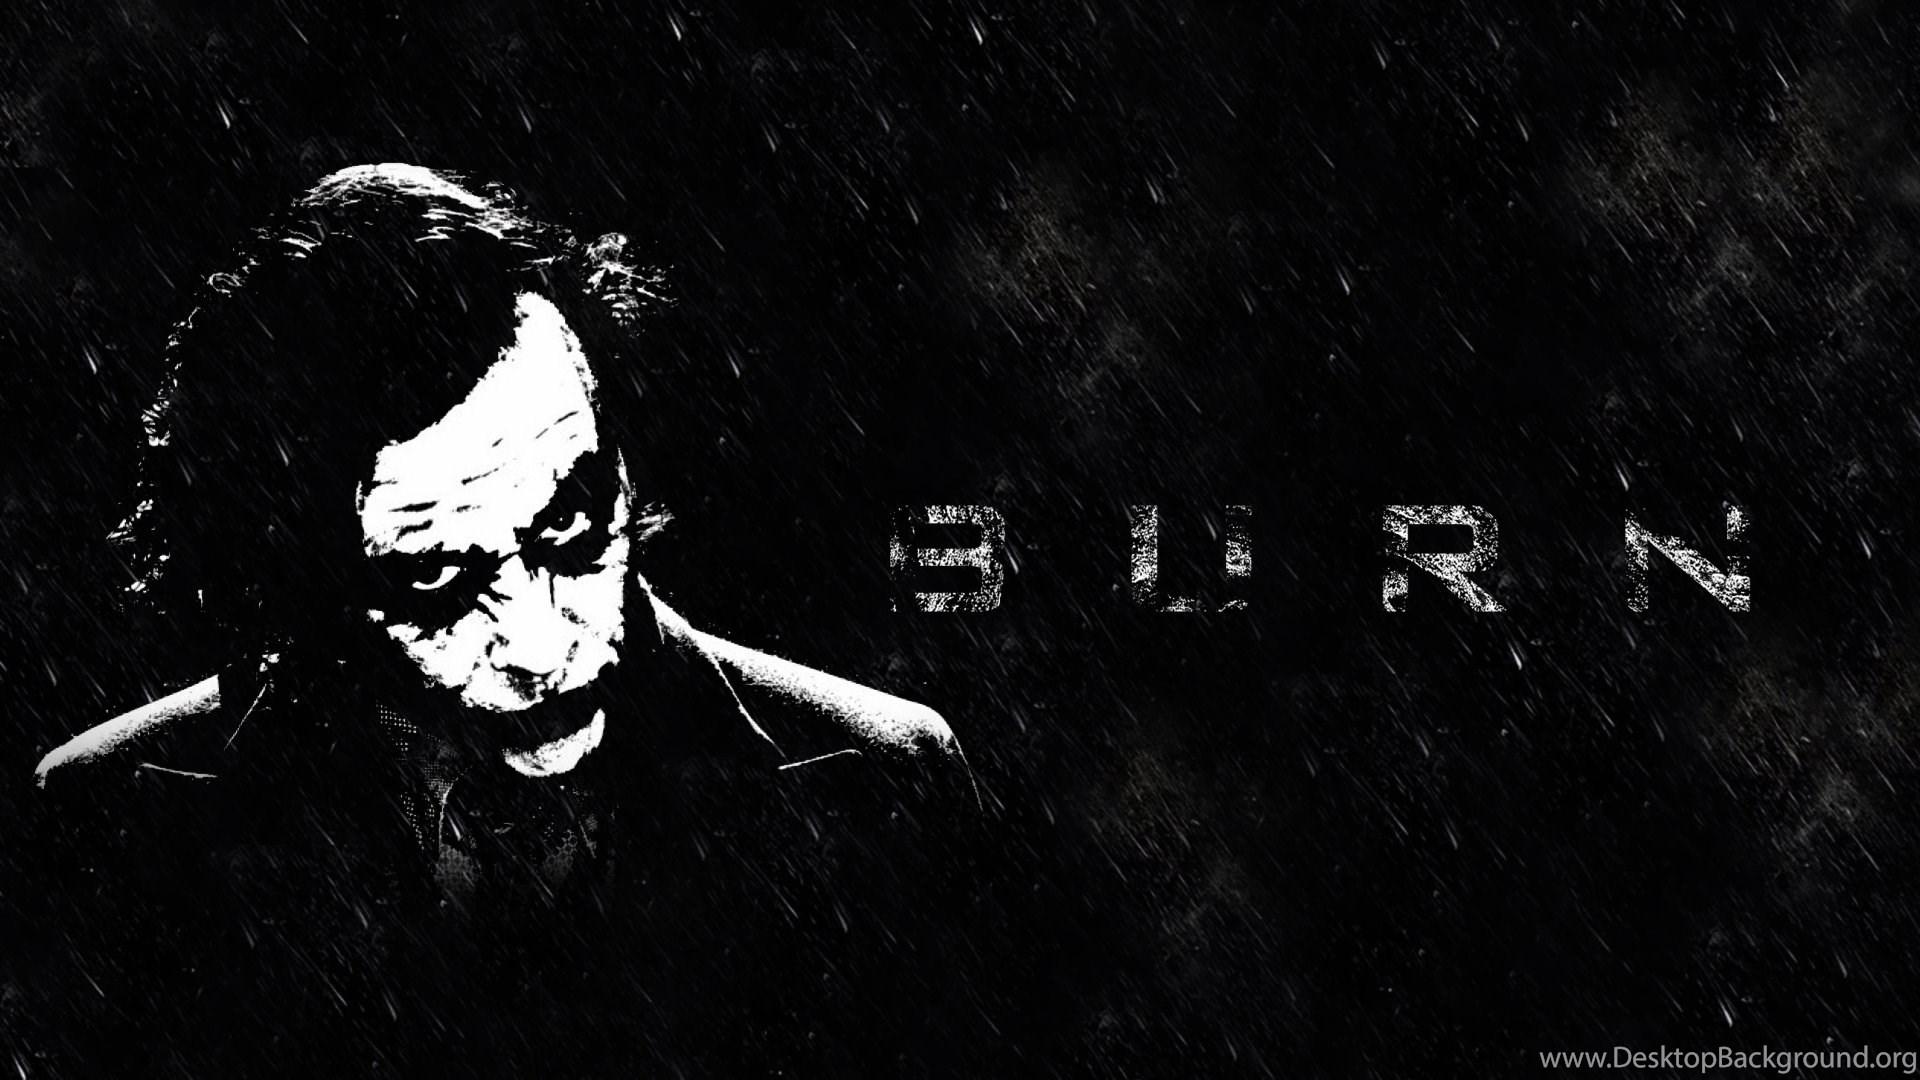 dark joker wallpapers hd desktop background